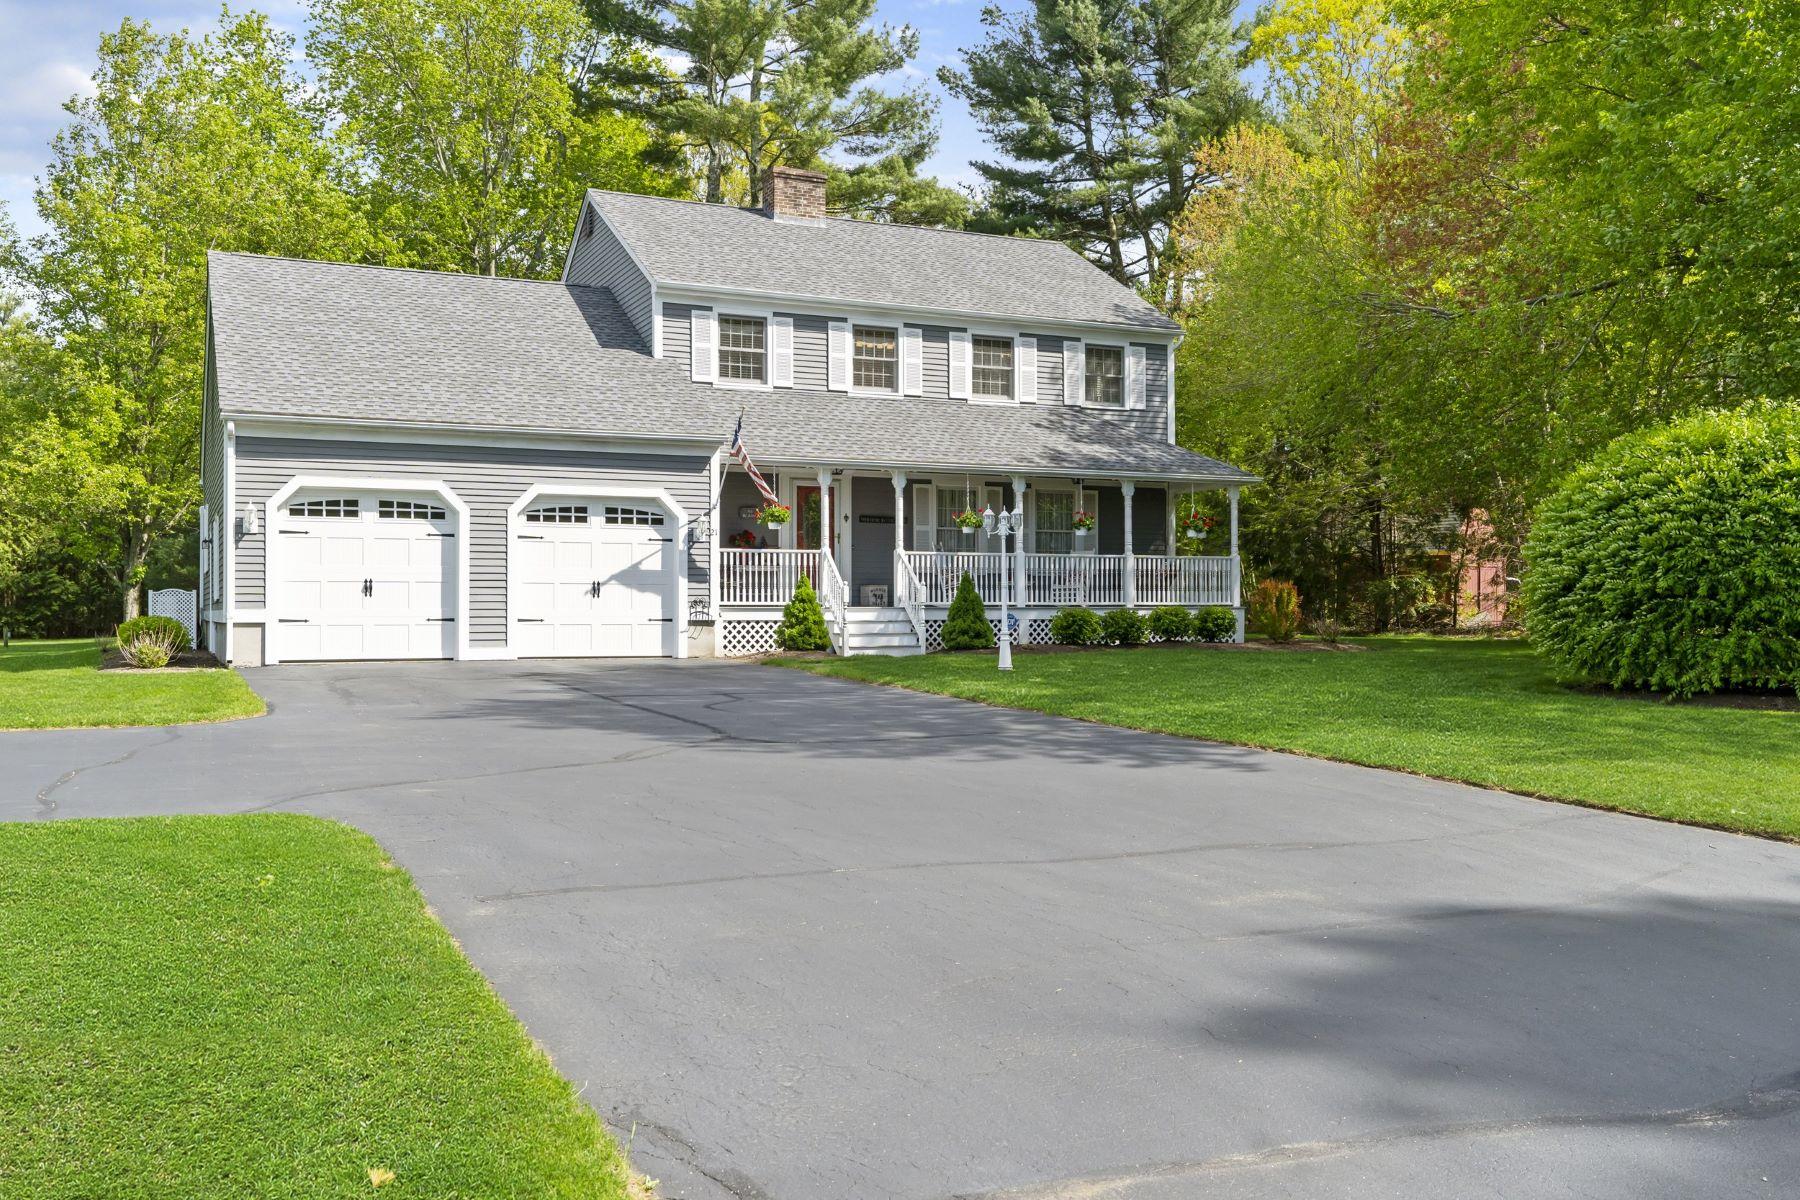 single family homes voor Verkoop op 21 Keith Dr, Hopkinton, RI Hopkinton, Rhode Island 02832 Verenigde Staten